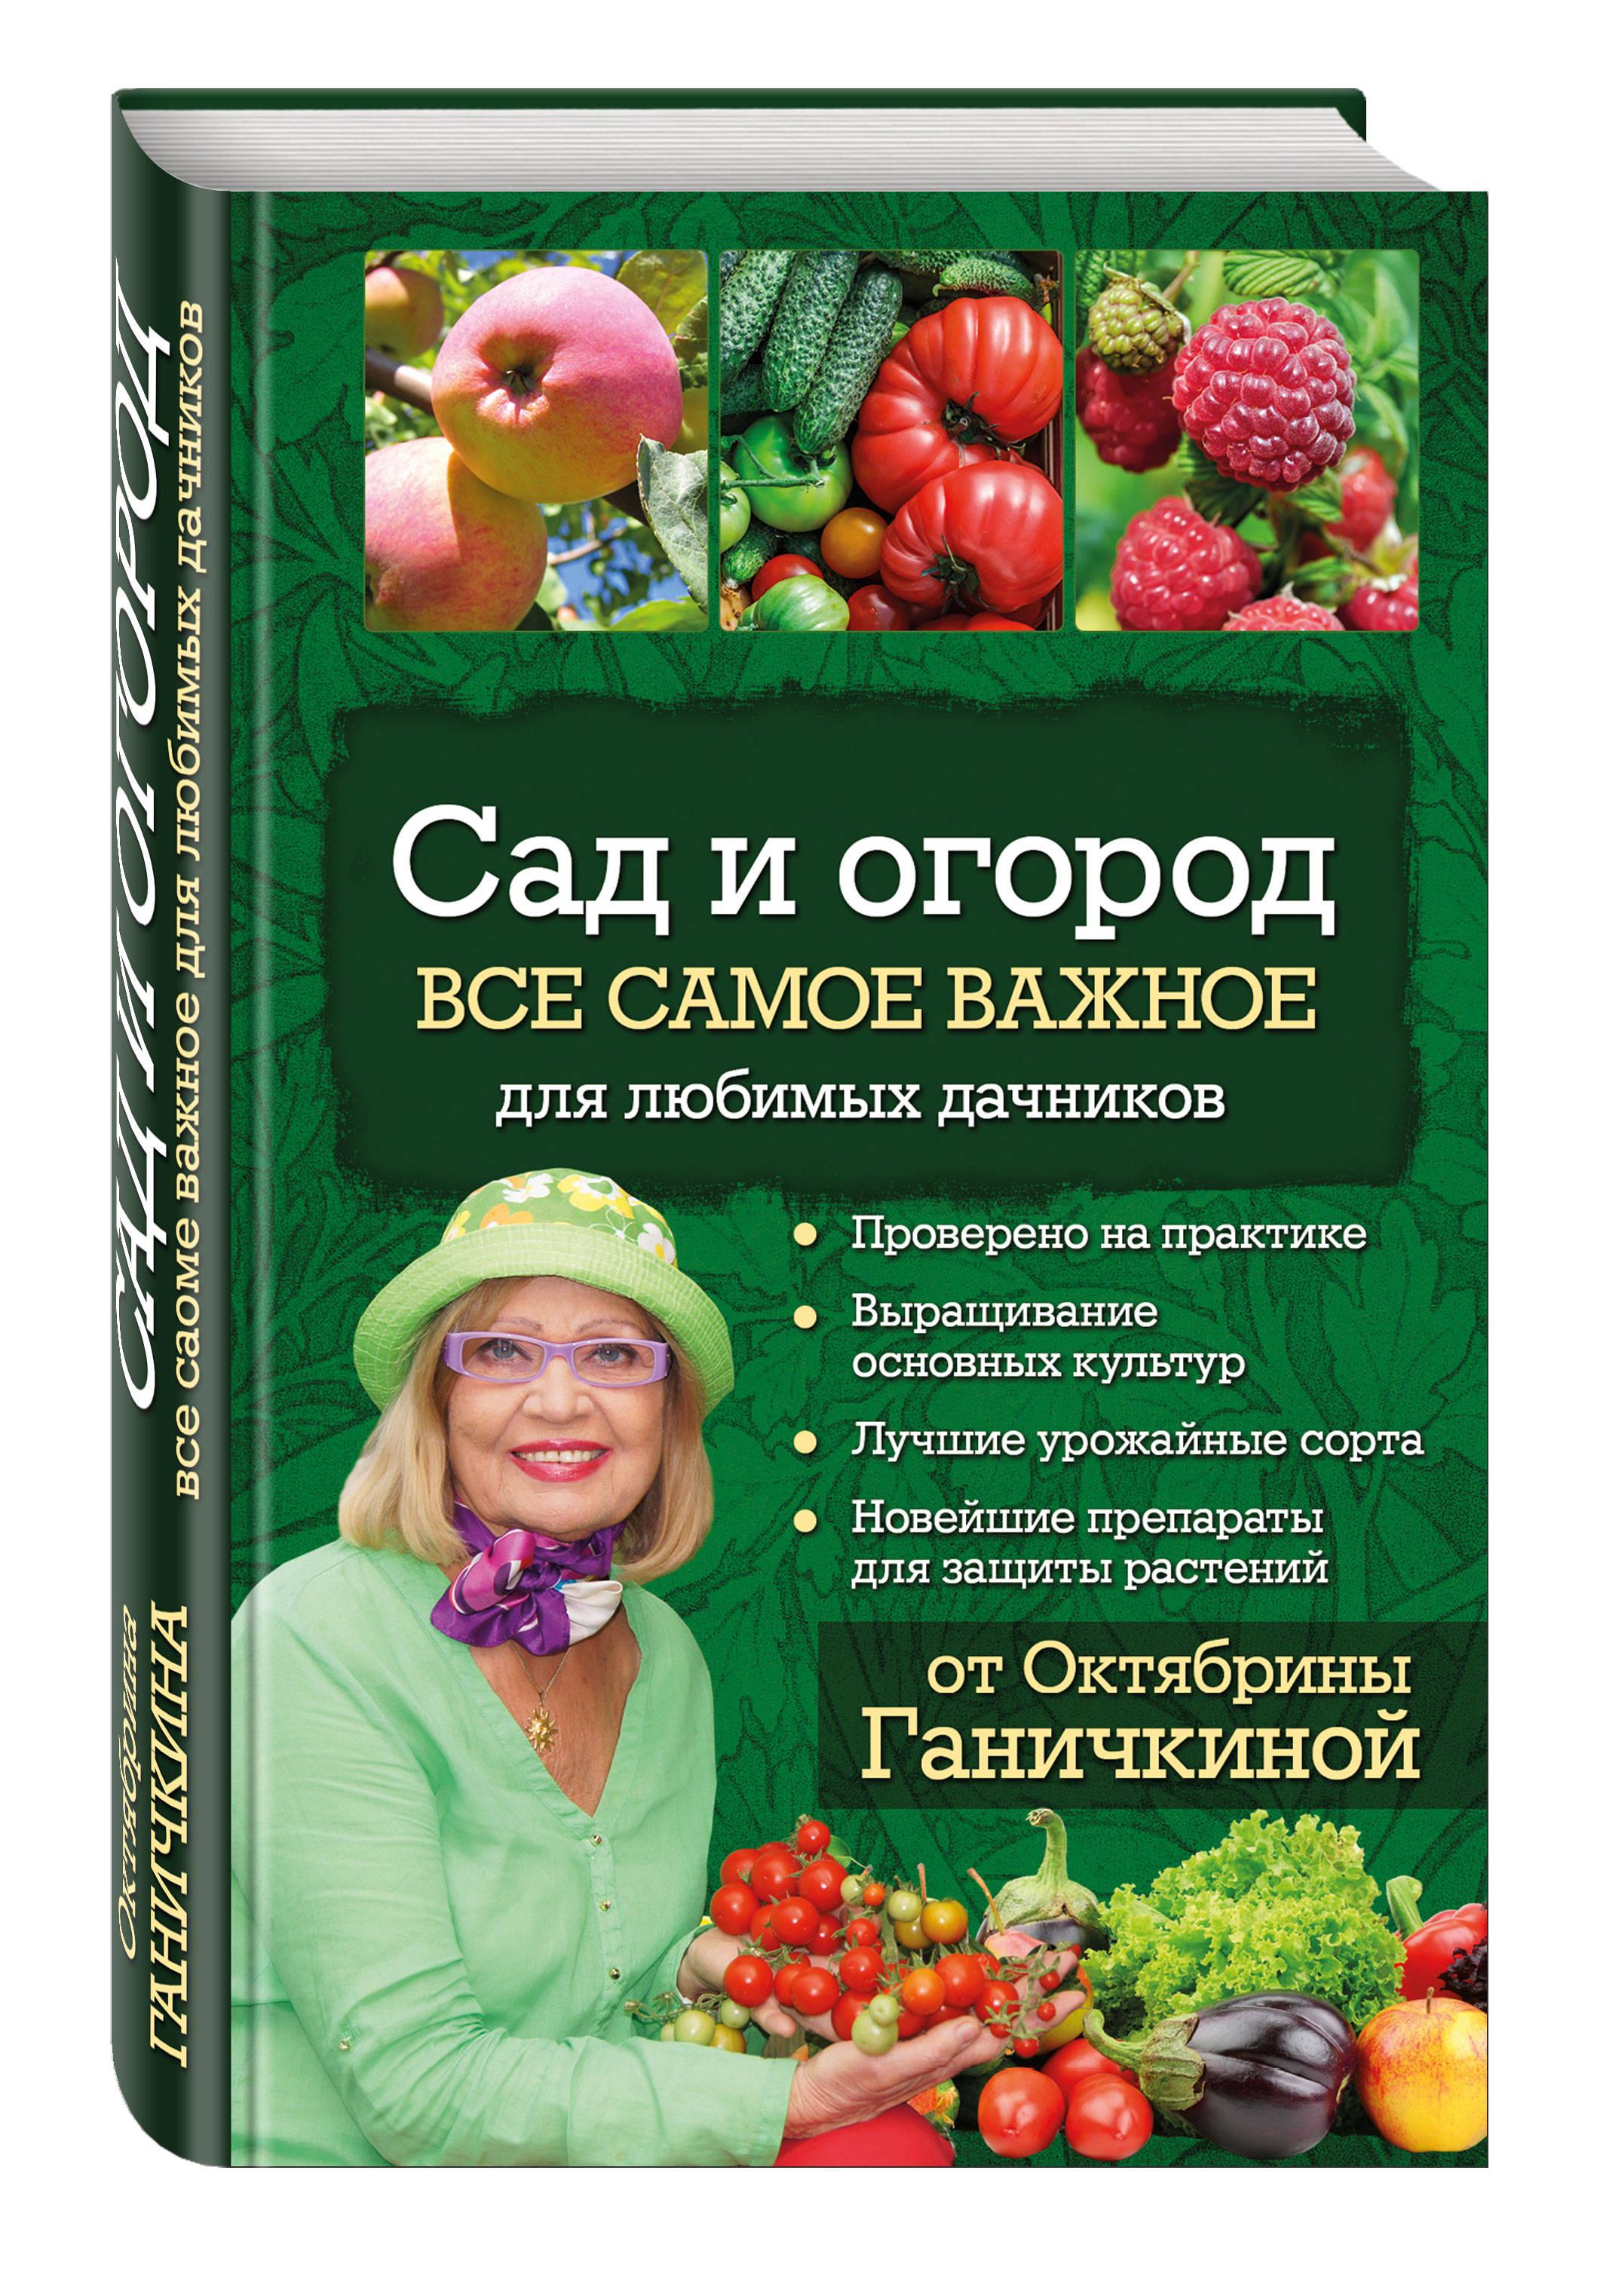 Сад и огород. Все самое важное для любимых дачников (для ПР) ( Ганичкина О.А., Ганичкин А.В.  )